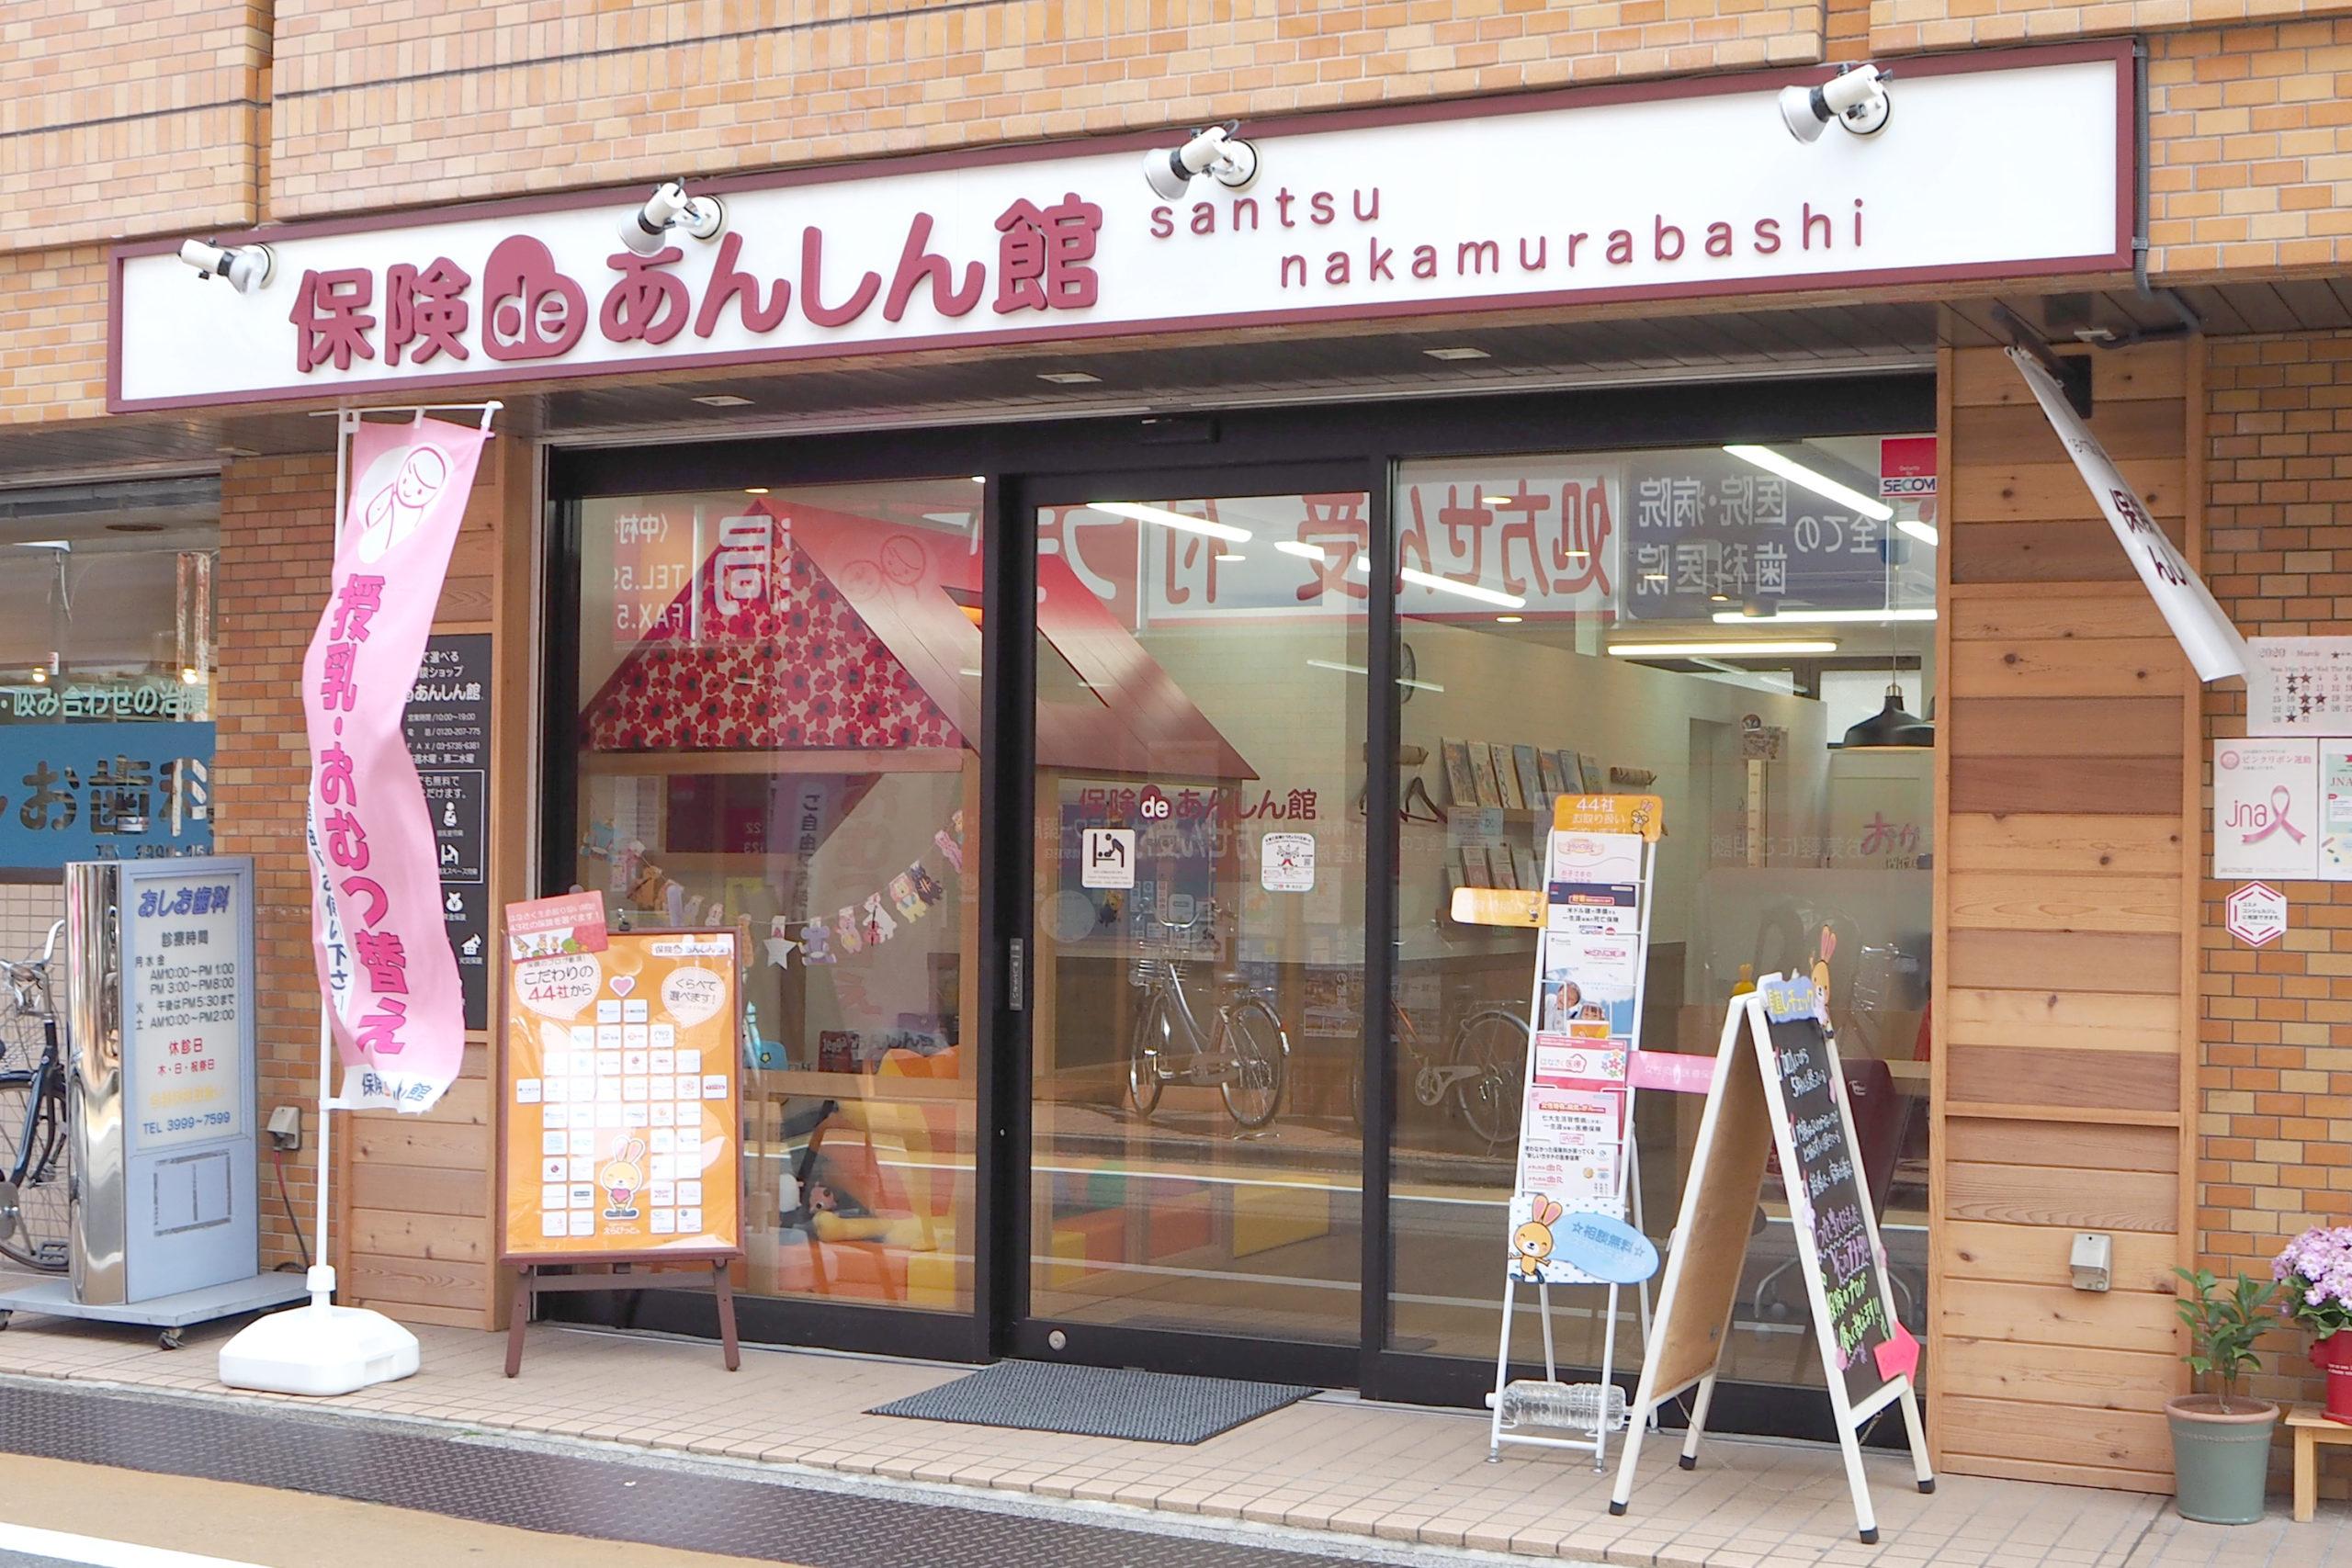 サンツ中村橋店